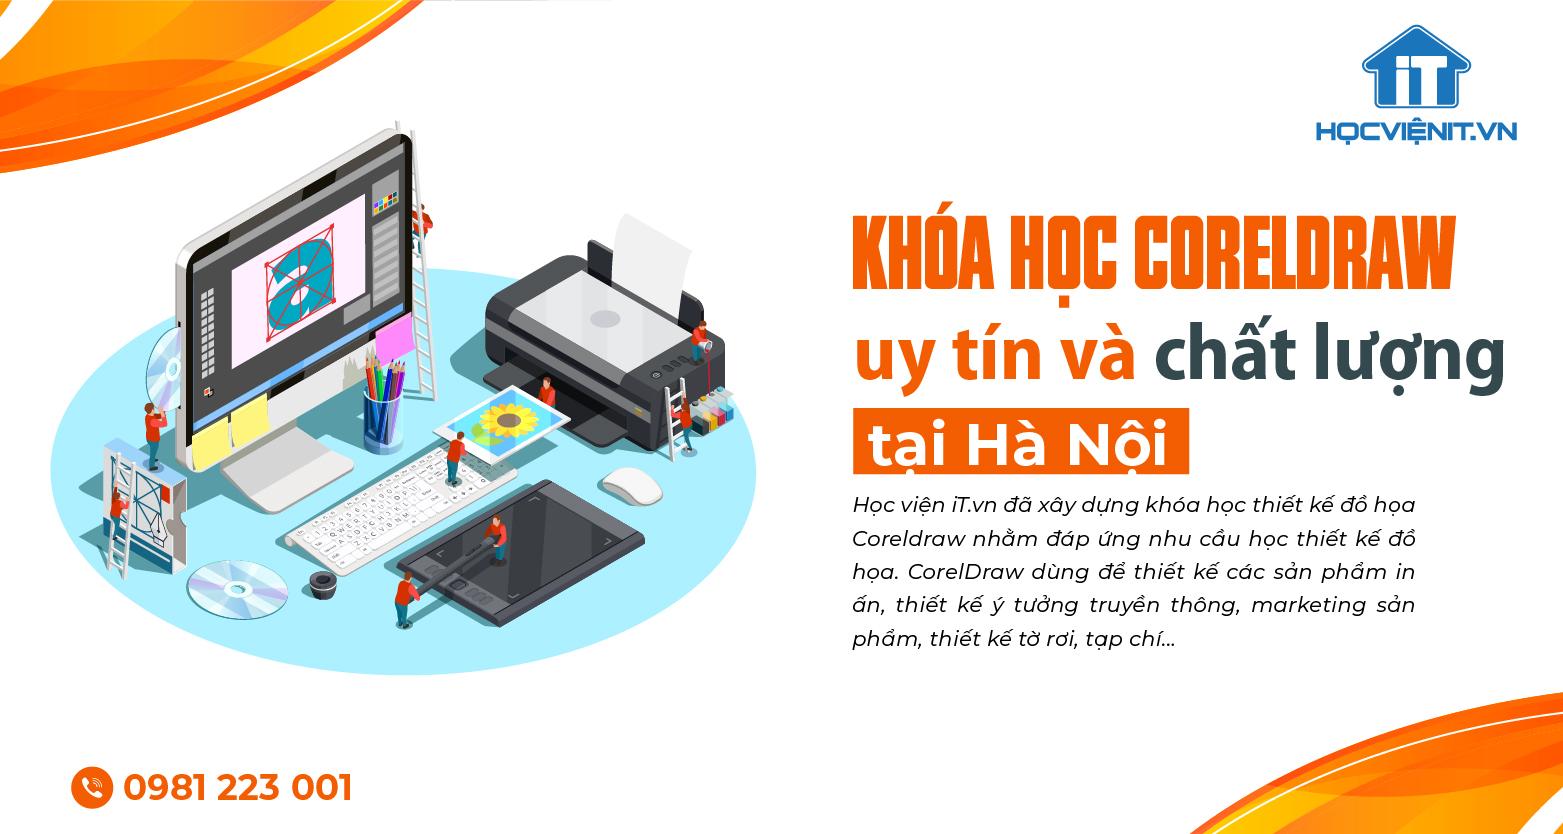 Khóa học Coreldraw uy tín và chất lượng tại Hà Nội